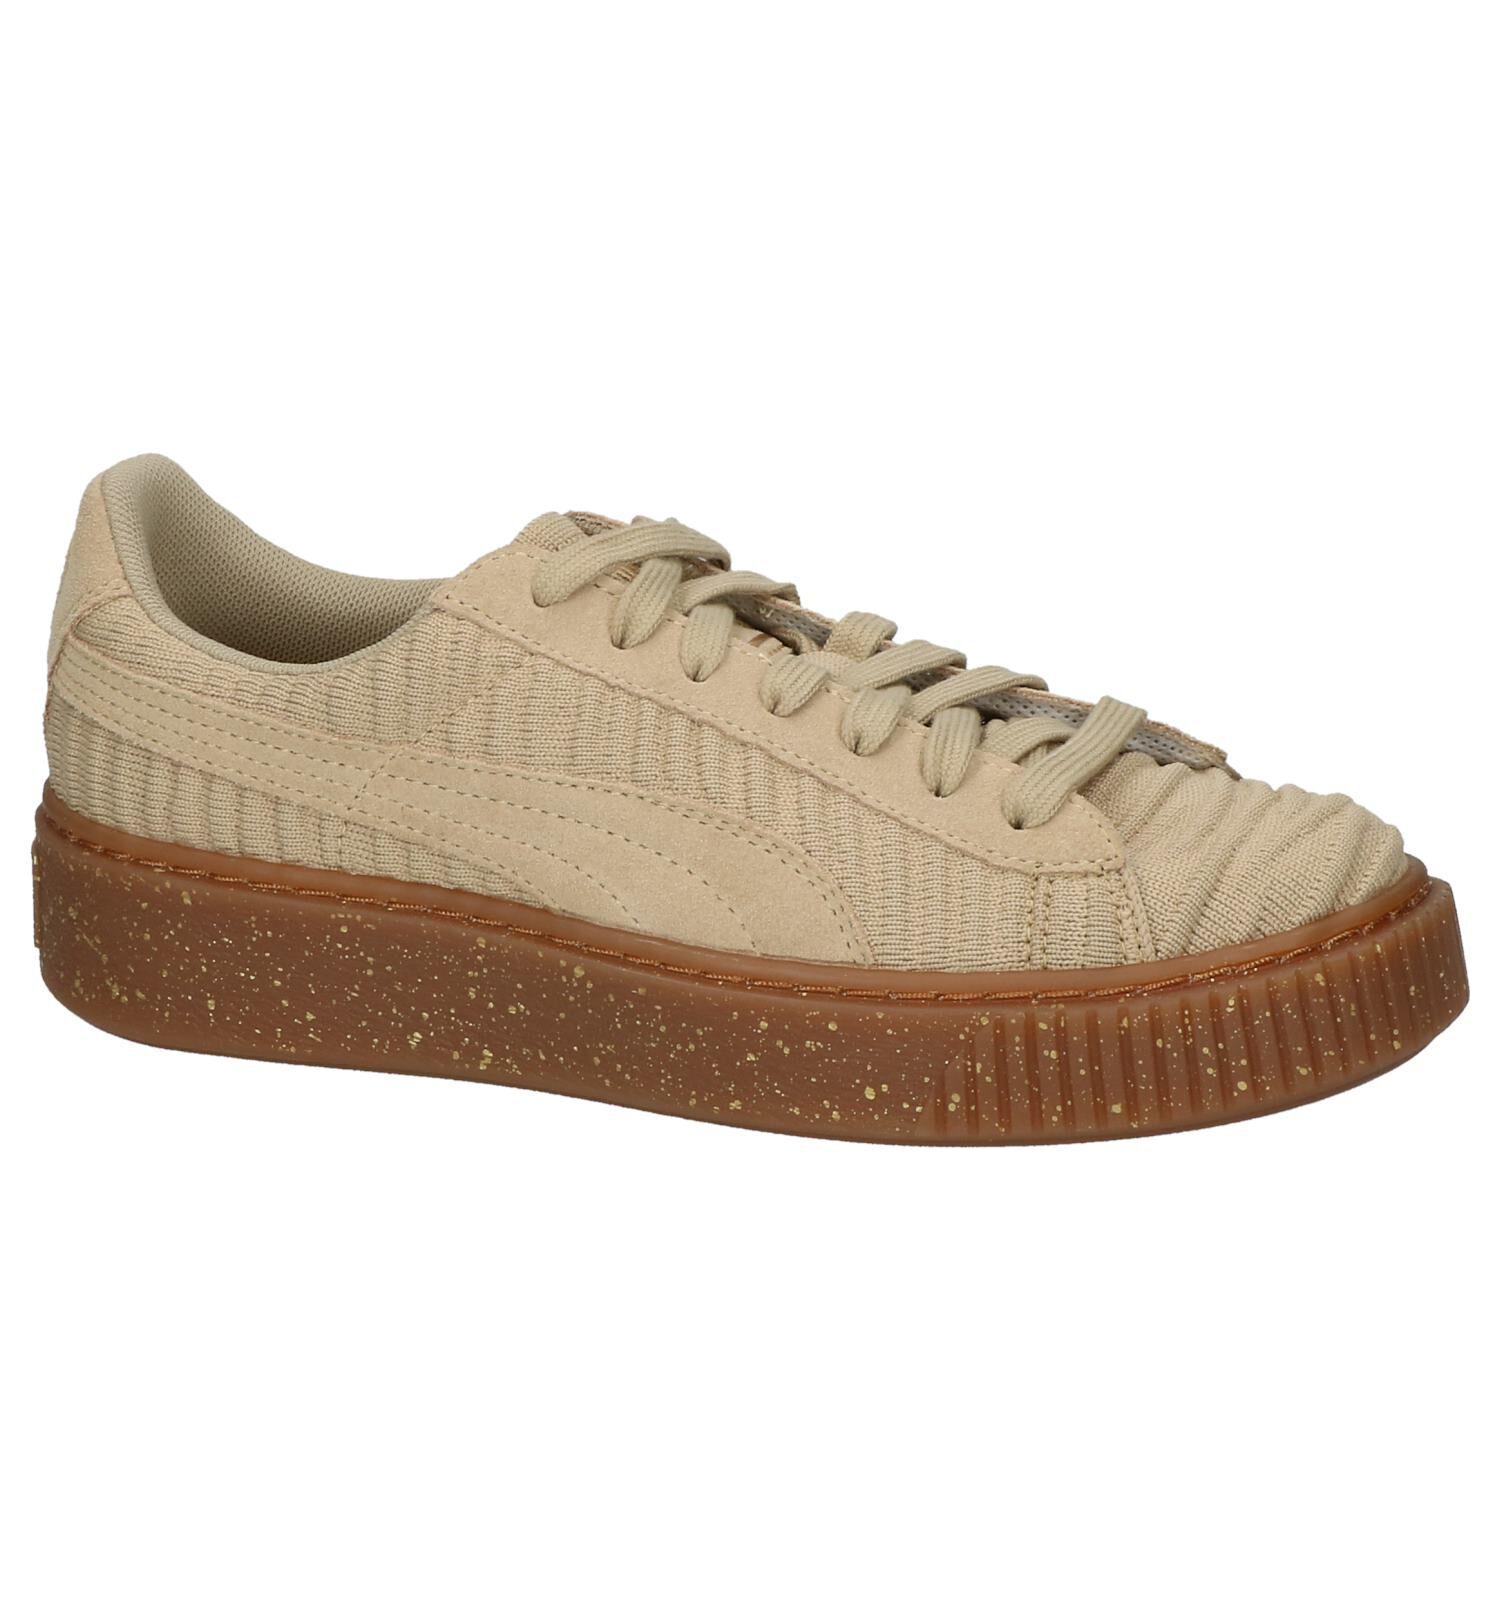 Puma sneakers Basket Platform OW dames beige maat 40,5